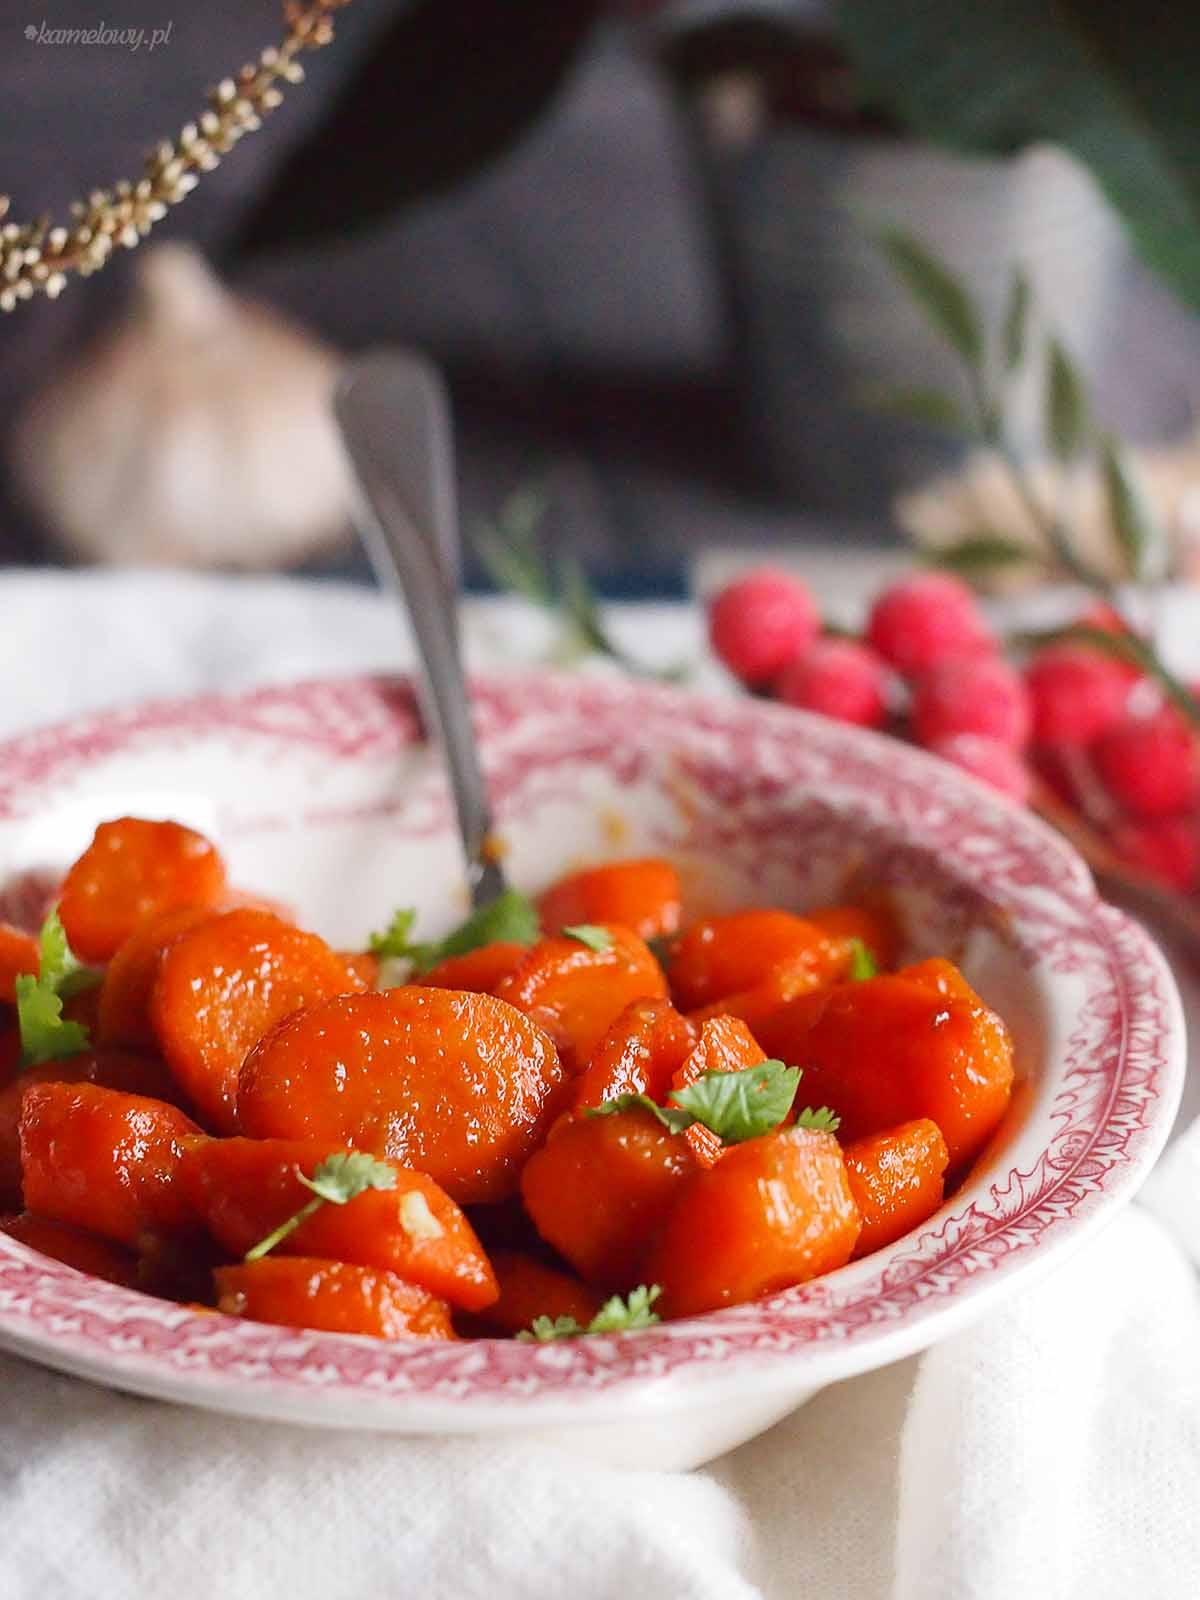 Marchewka-glazurowana-z-imbirem-Sugar-glazed-carrot-with-ginger